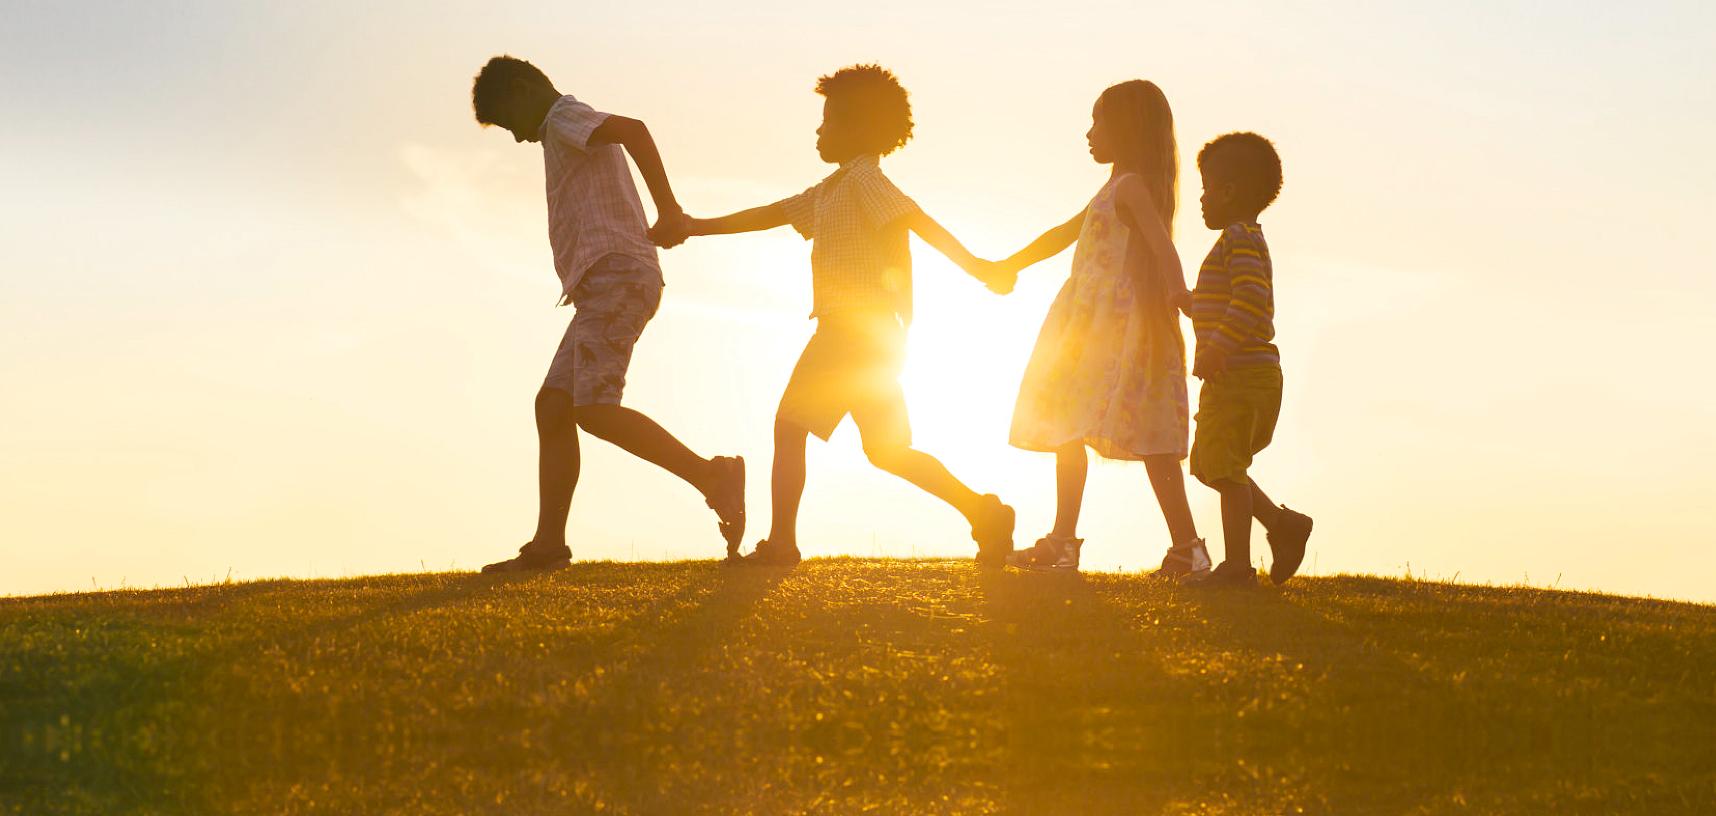 group of kids walking